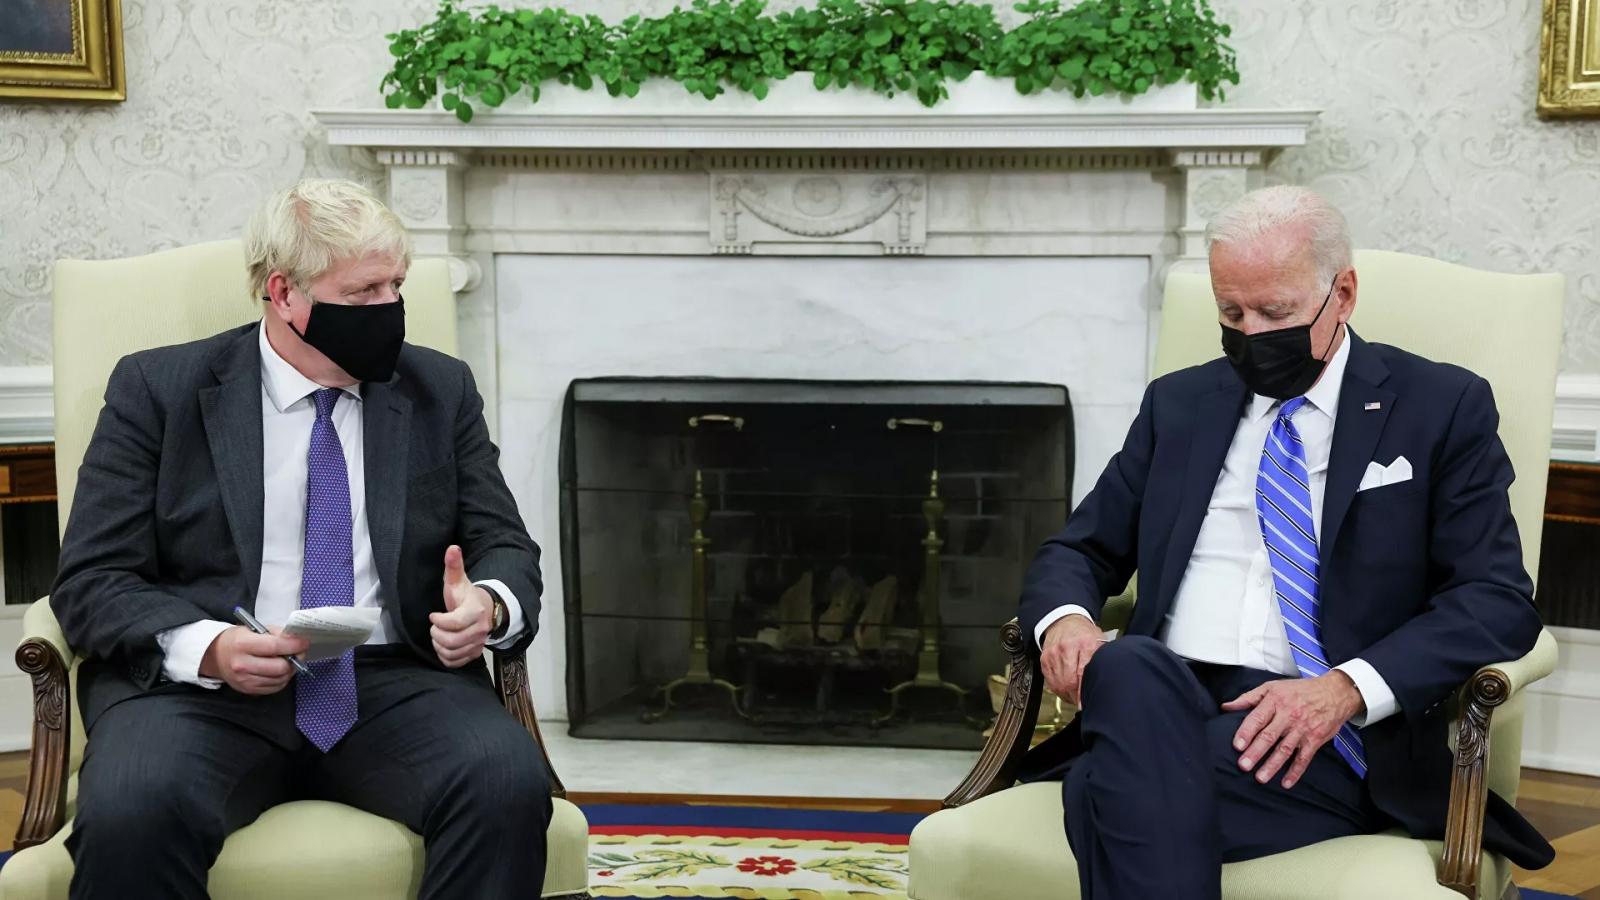 Giây phút ồn ào trong cuộc gặp giữa Tổng thống Biden và Thủ tướng Anh